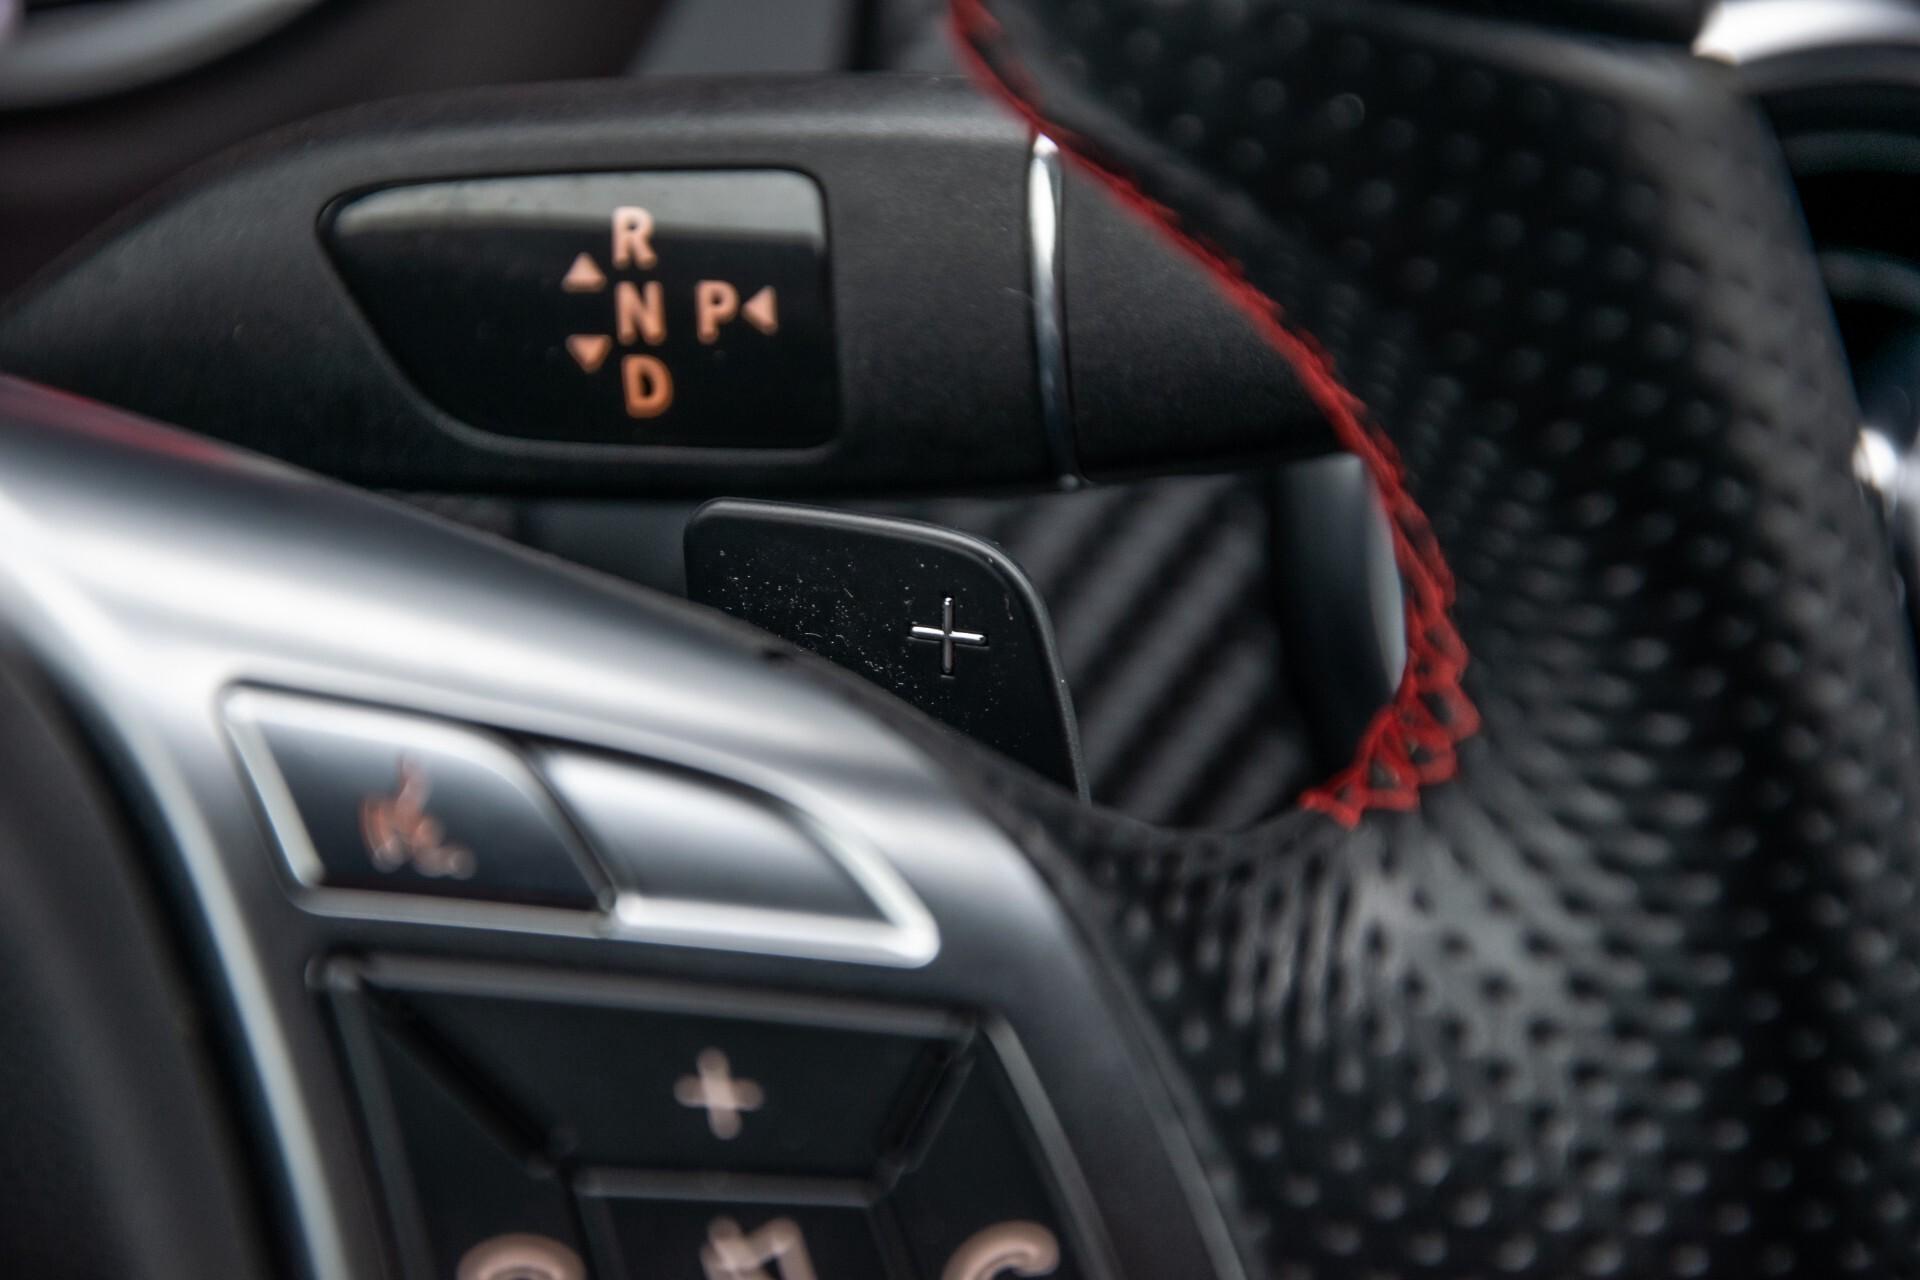 Mercedes-Benz A-Klasse 180 AMG Dynamic Handling/Camera/Xenon/Navi/Privacy Aut7 Foto 13